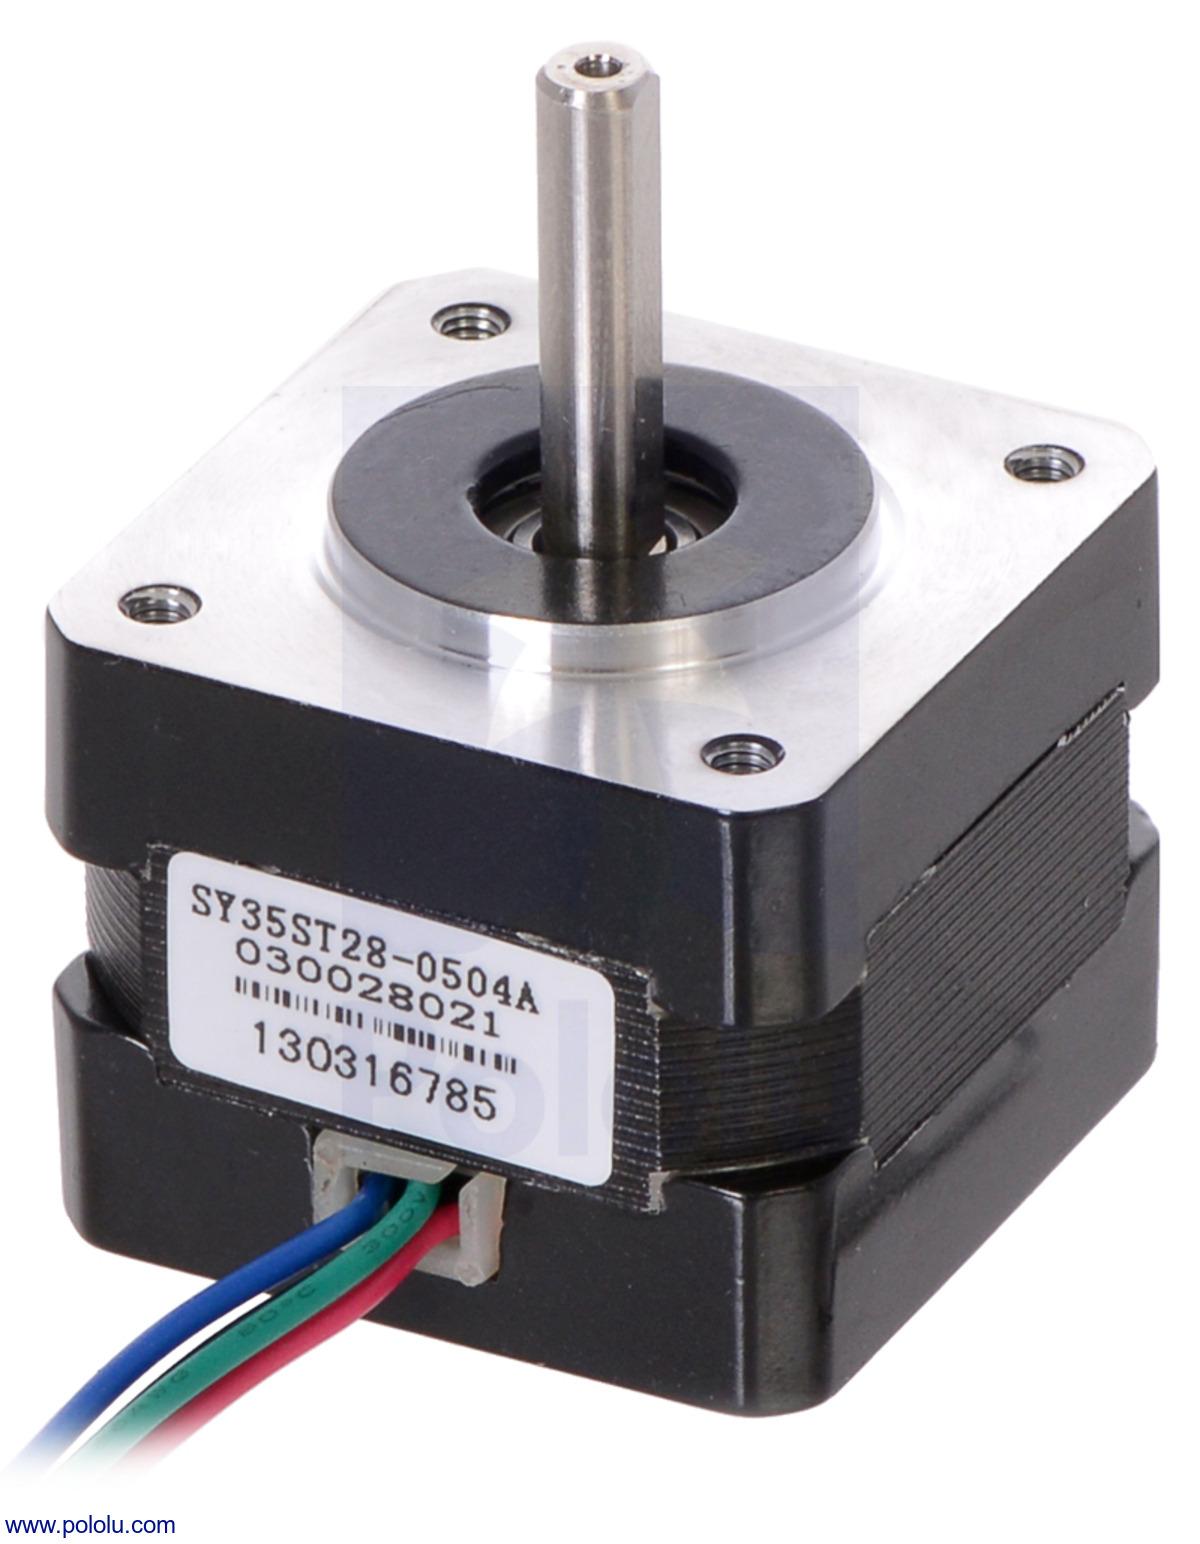 5 wire stepper motor arduino - ksoanet